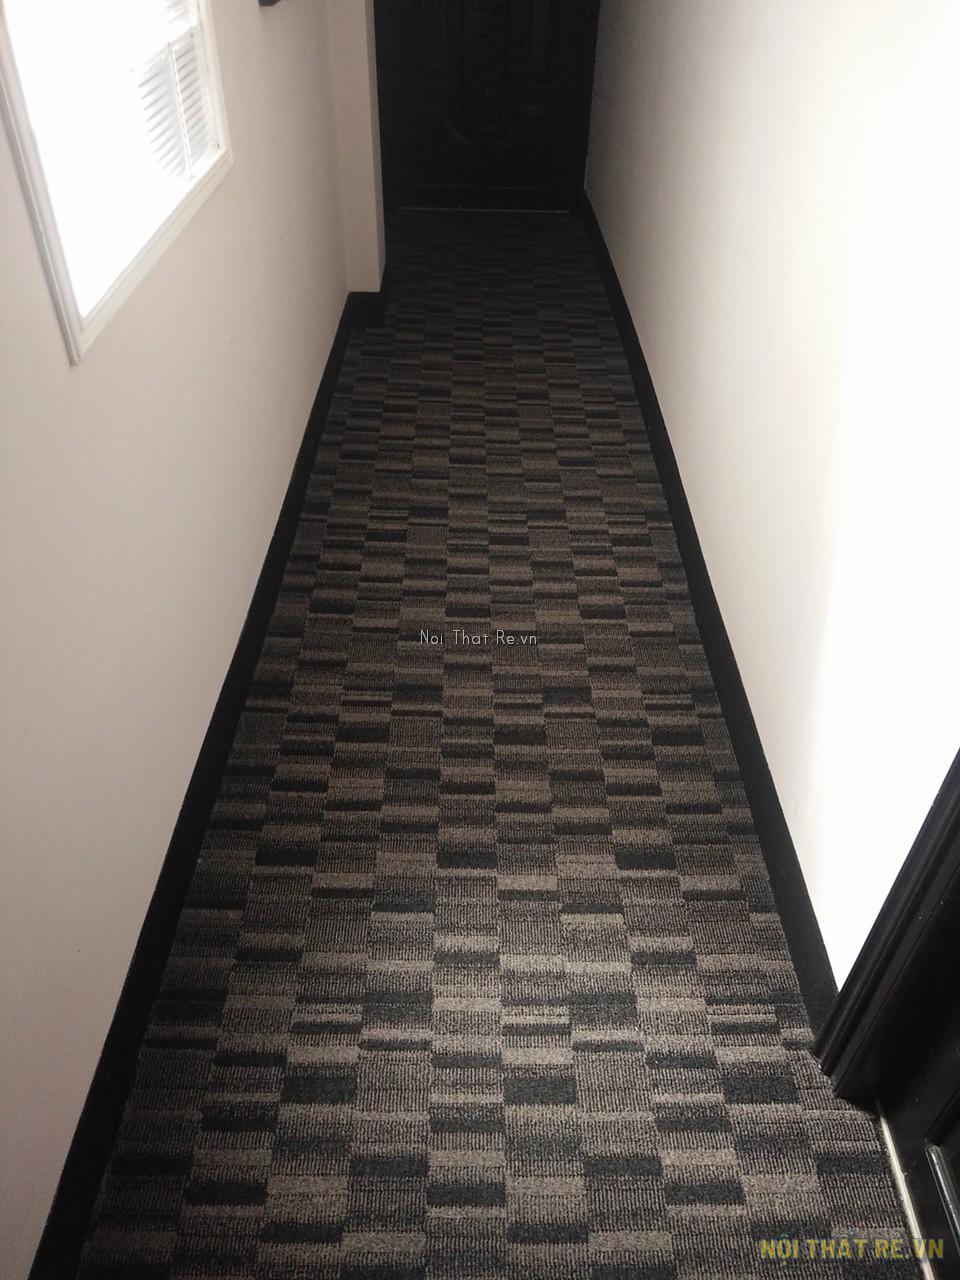 thảm hành lang khách sạn sử dụng thảm trải sàn dynamic